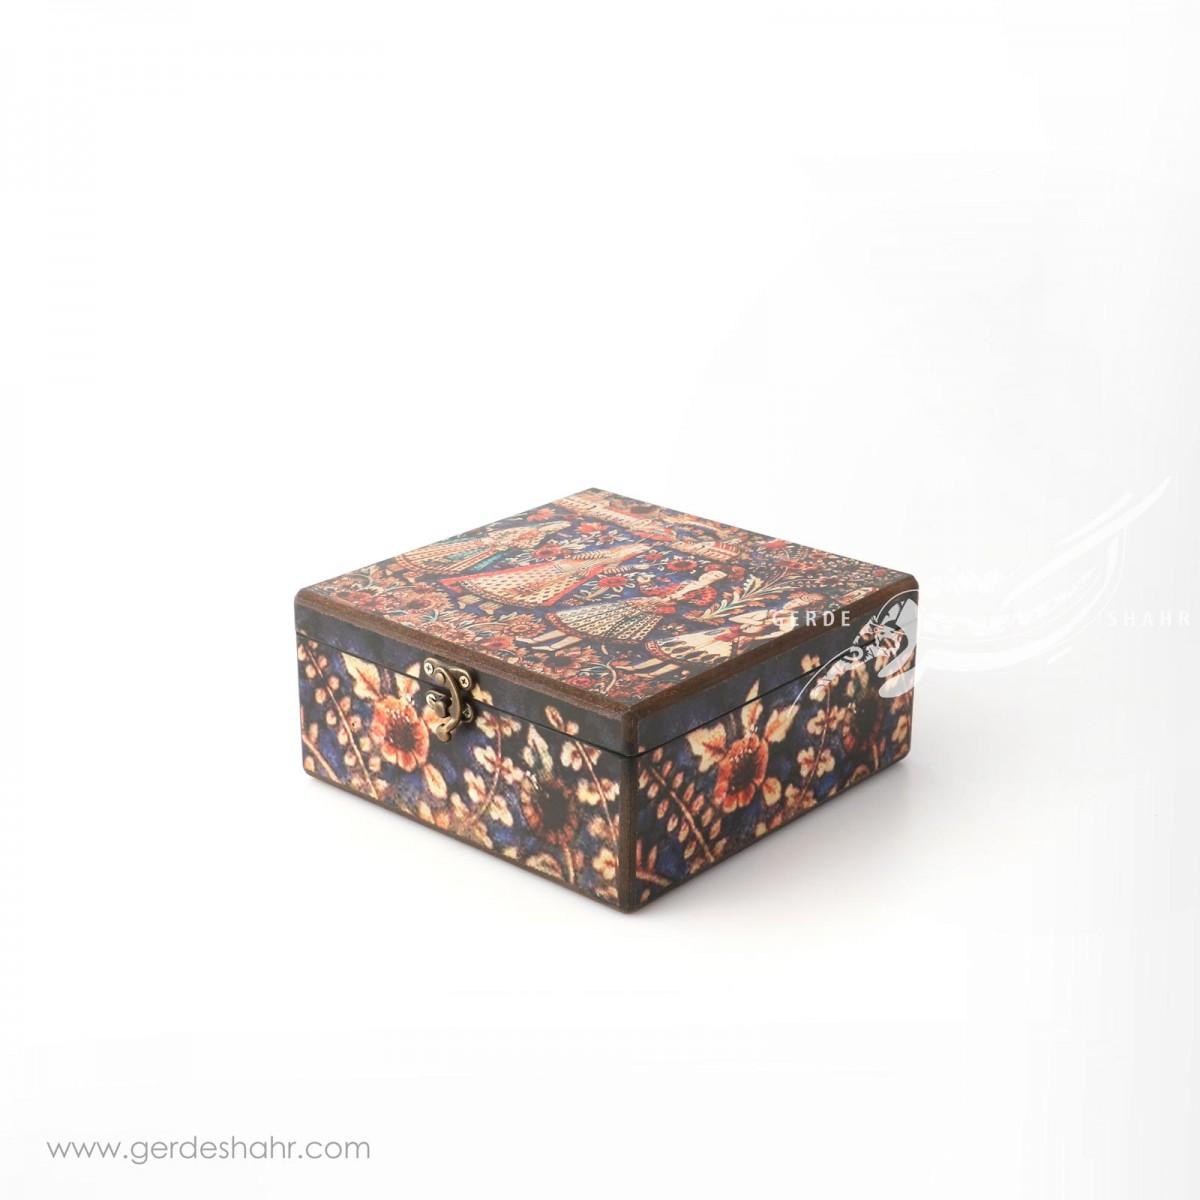 جعبه چوبی دیدار سایز ۲۰ هفتگان جعبه و صندوقچه